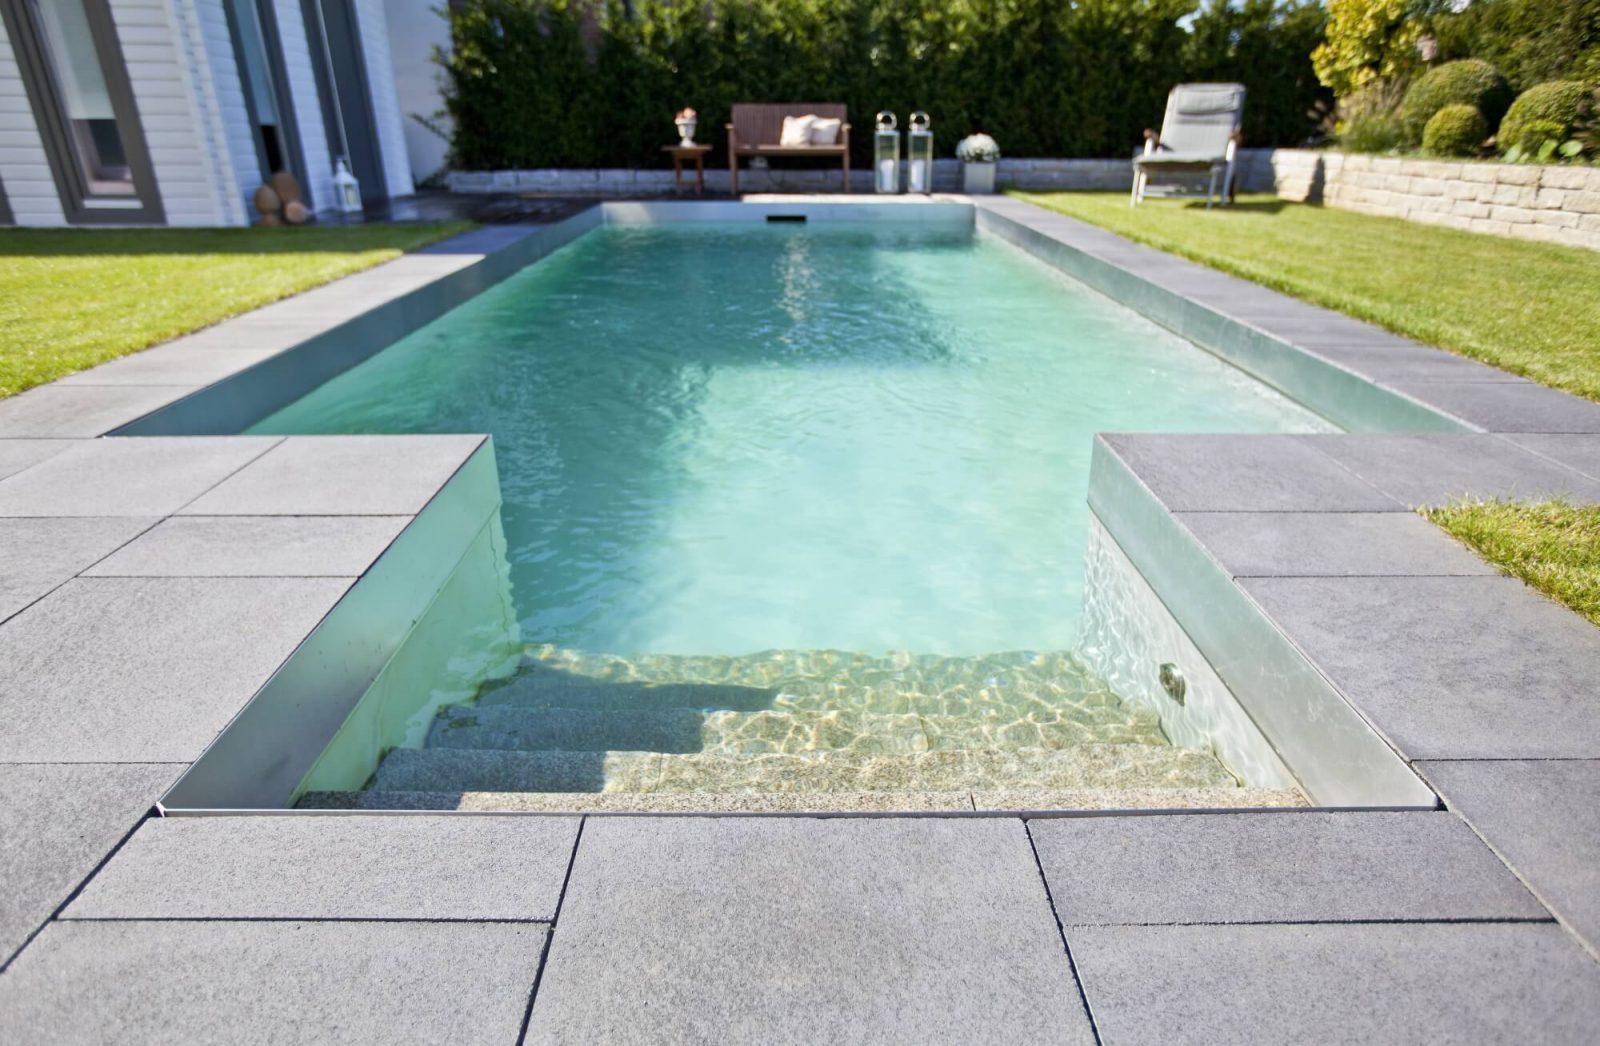 Ocho pasos para el mantenimiento de la piscina en invierno for Mantenimiento piscina invierno